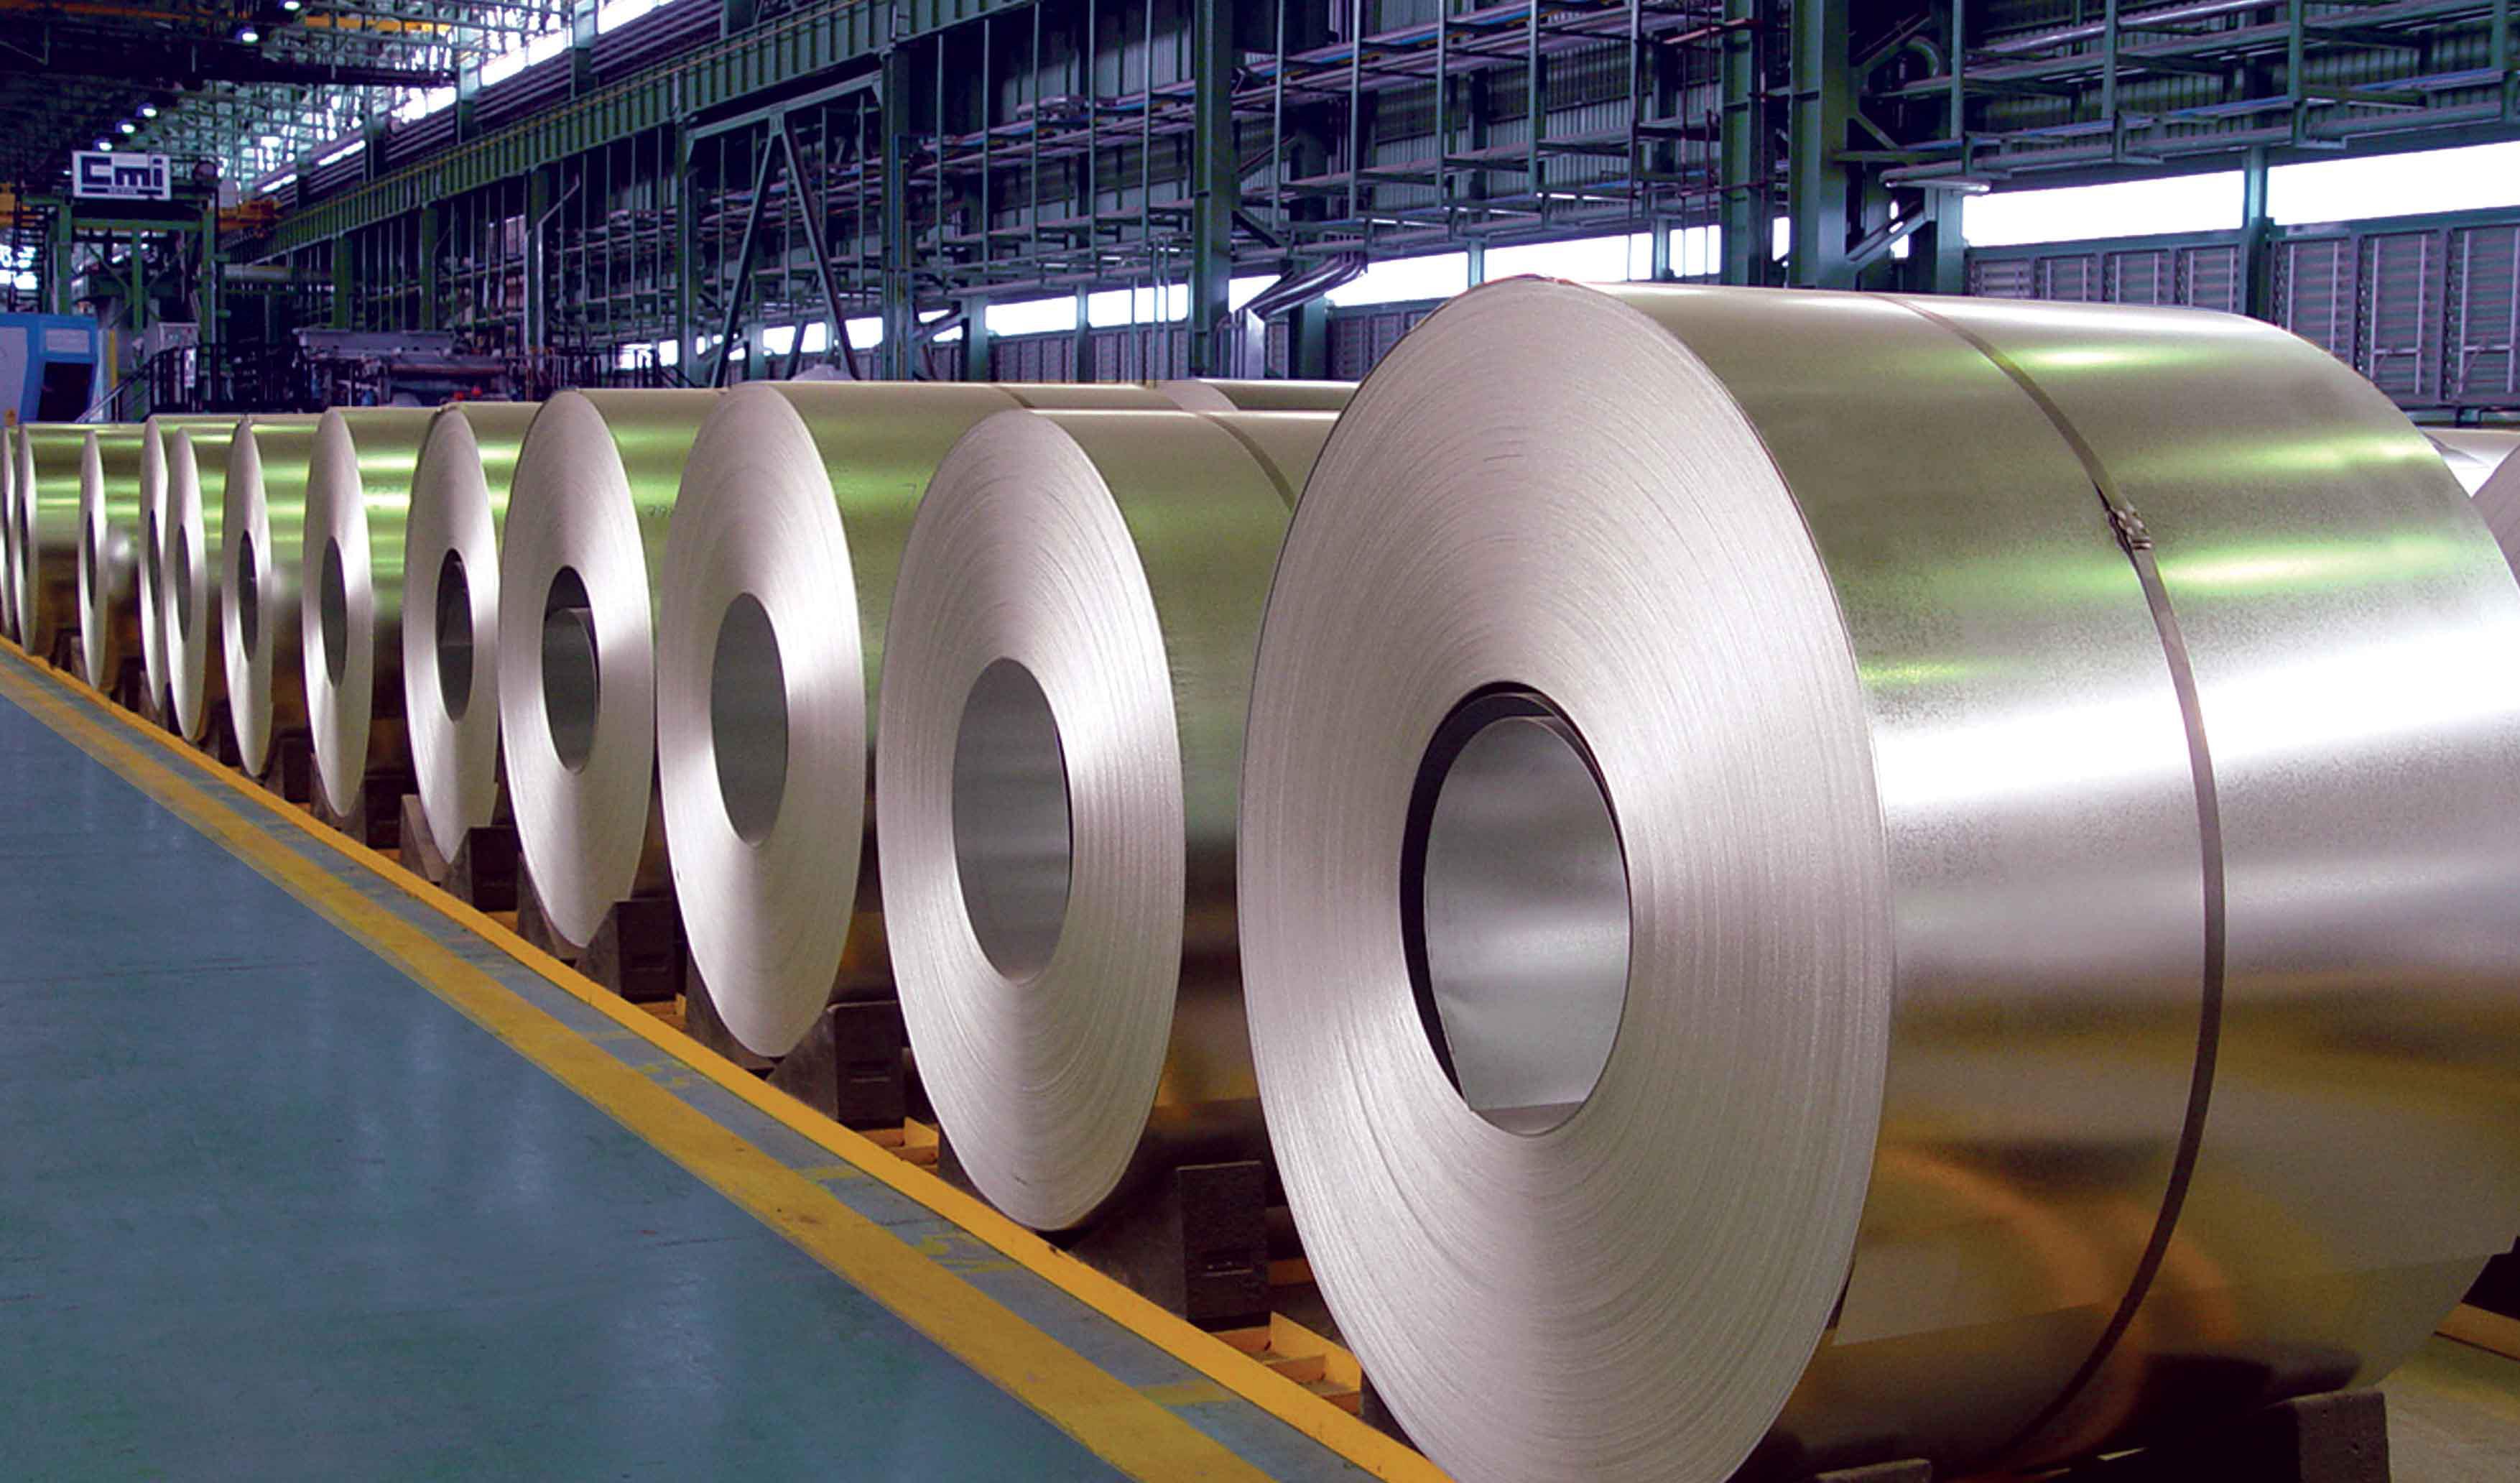 عضو هیات مدیره انجمن فولاد: مقصر اصلی التهاب بازار فولاد، وزارت صمت است